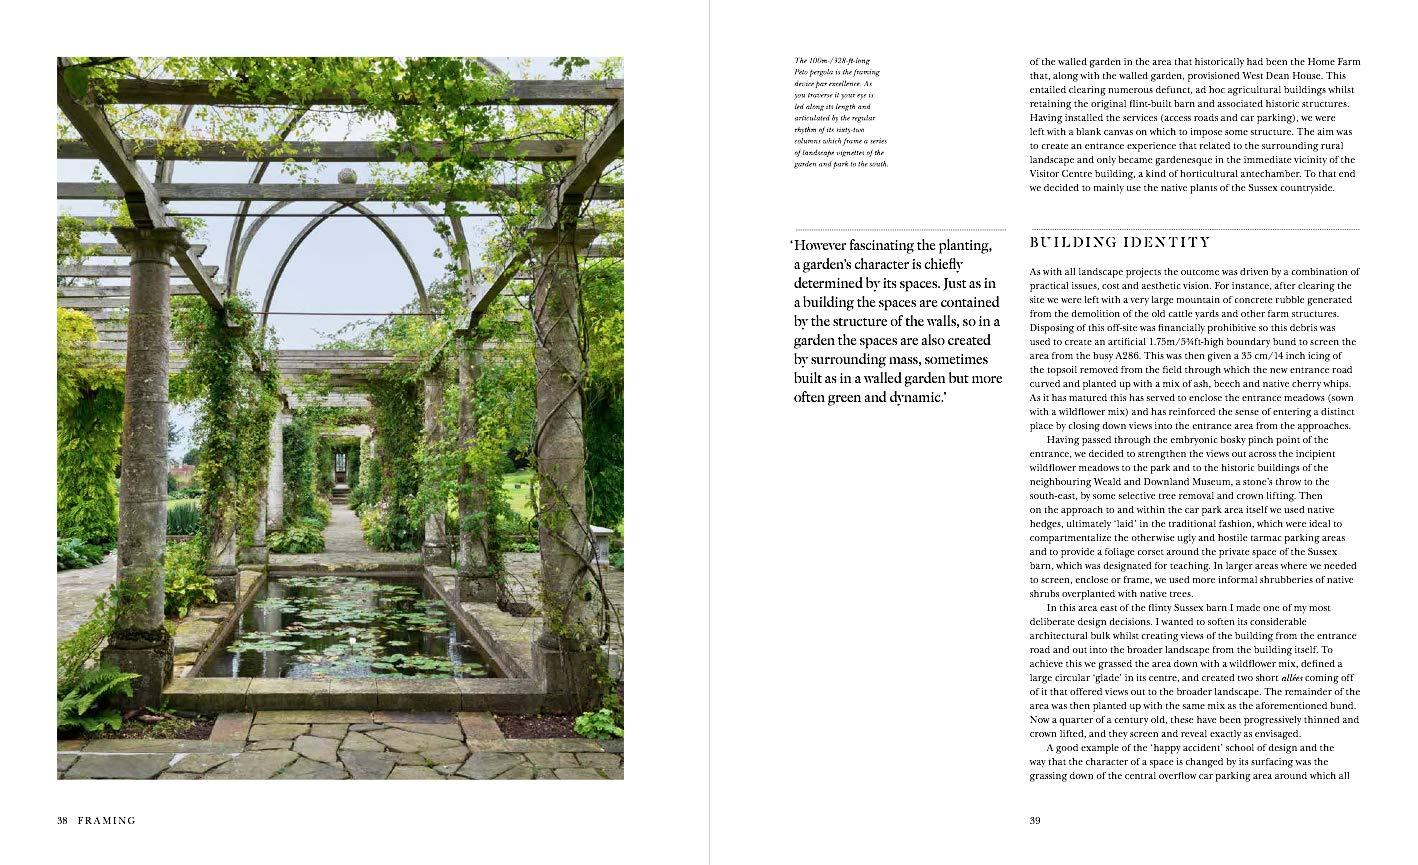 At West Dean: The Creation of an Exemplary Garden: Amazon.es: Buckland, Jim, Wain, Sarah: Libros en idiomas extranjeros